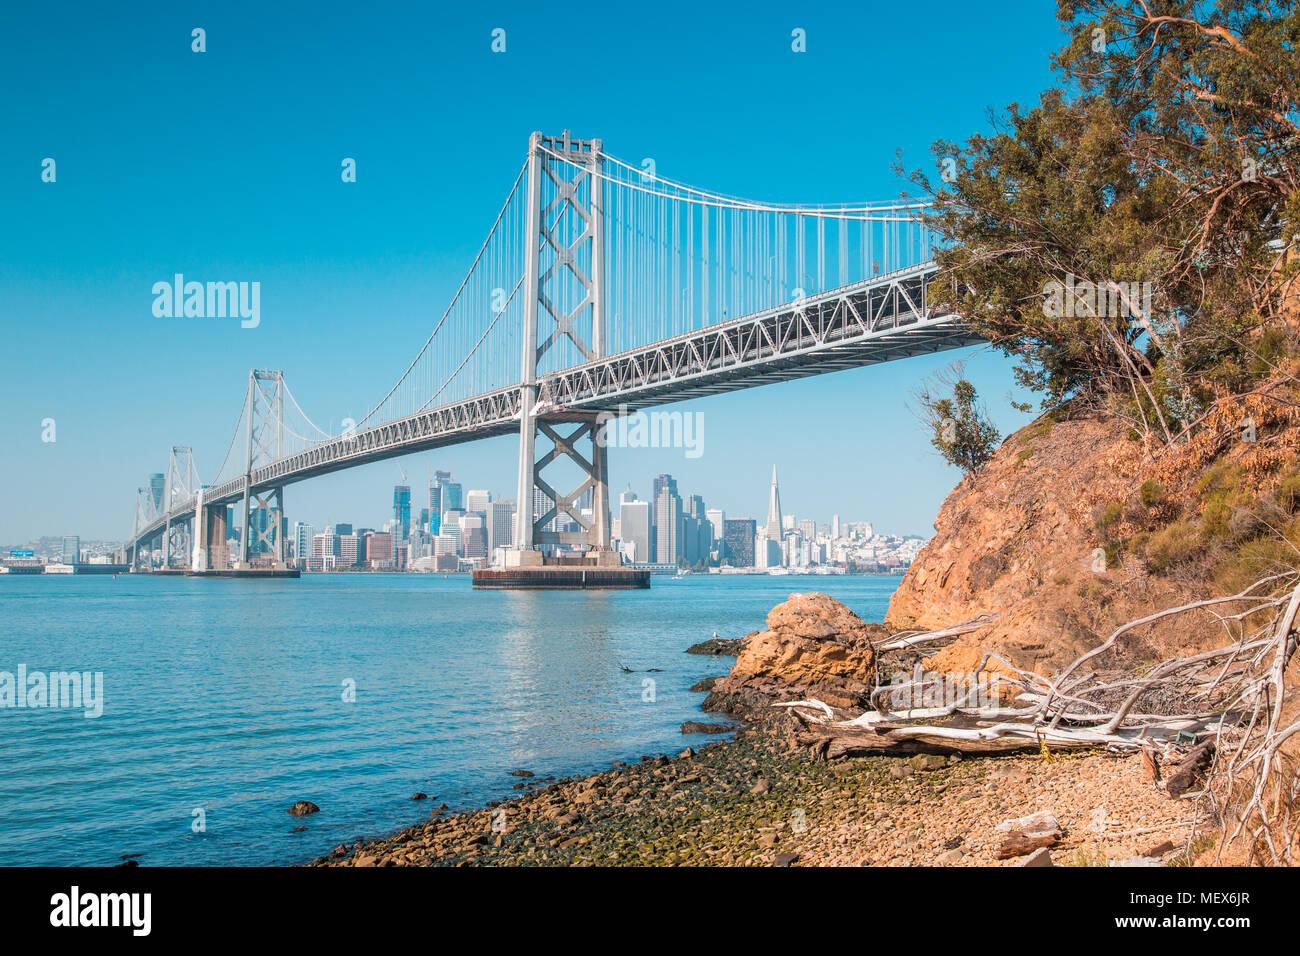 Classic vue panoramique de San Francisco skyline avec célèbre Oakland Bay Bridge illuminé sur une journée ensoleillée avec ciel bleu en été, San Francisco Photo Stock